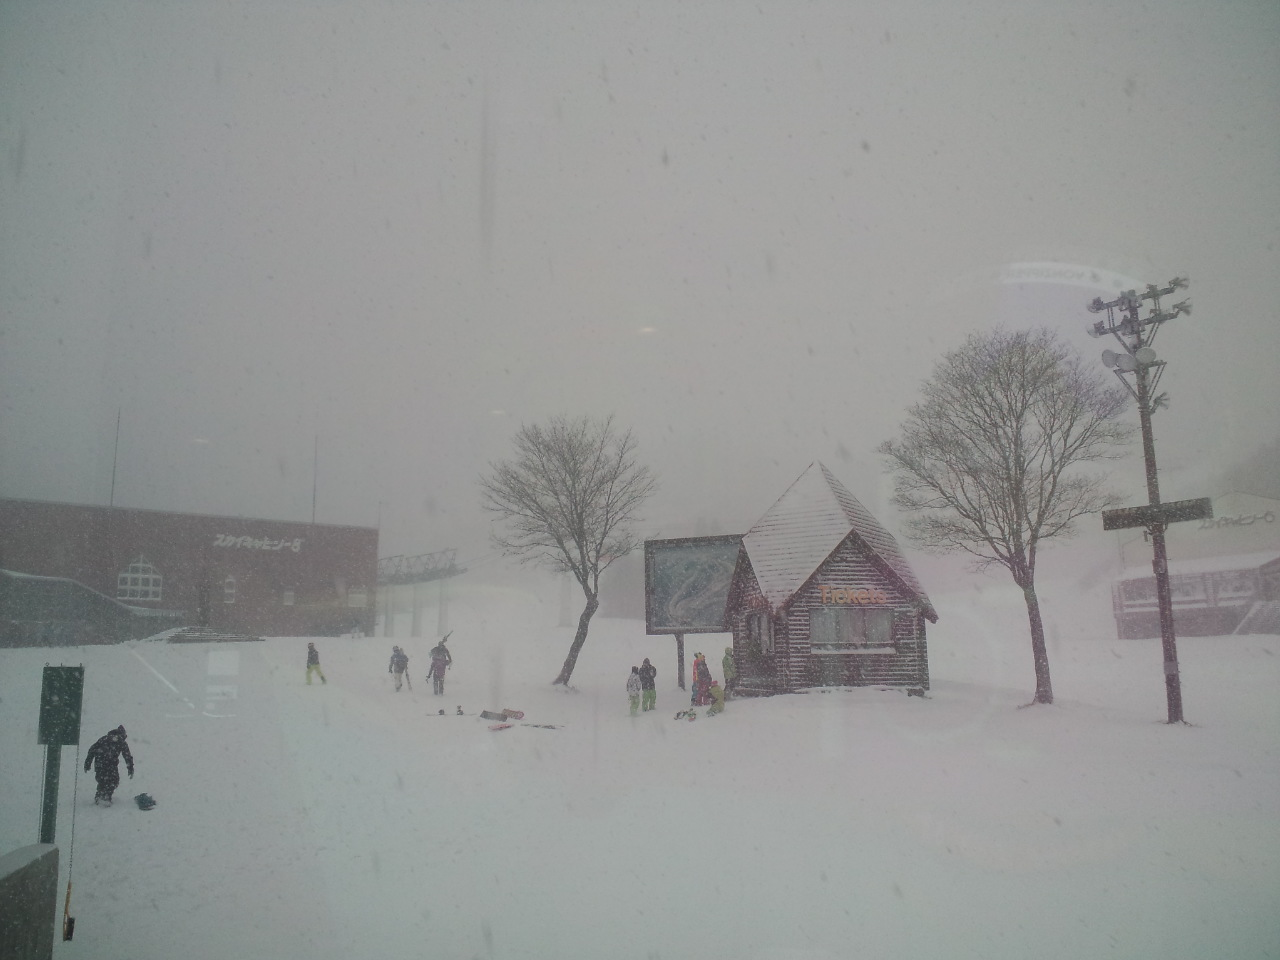 札幌3日目 ☆ 札幌国際スキー場_c0151965_23375393.jpg